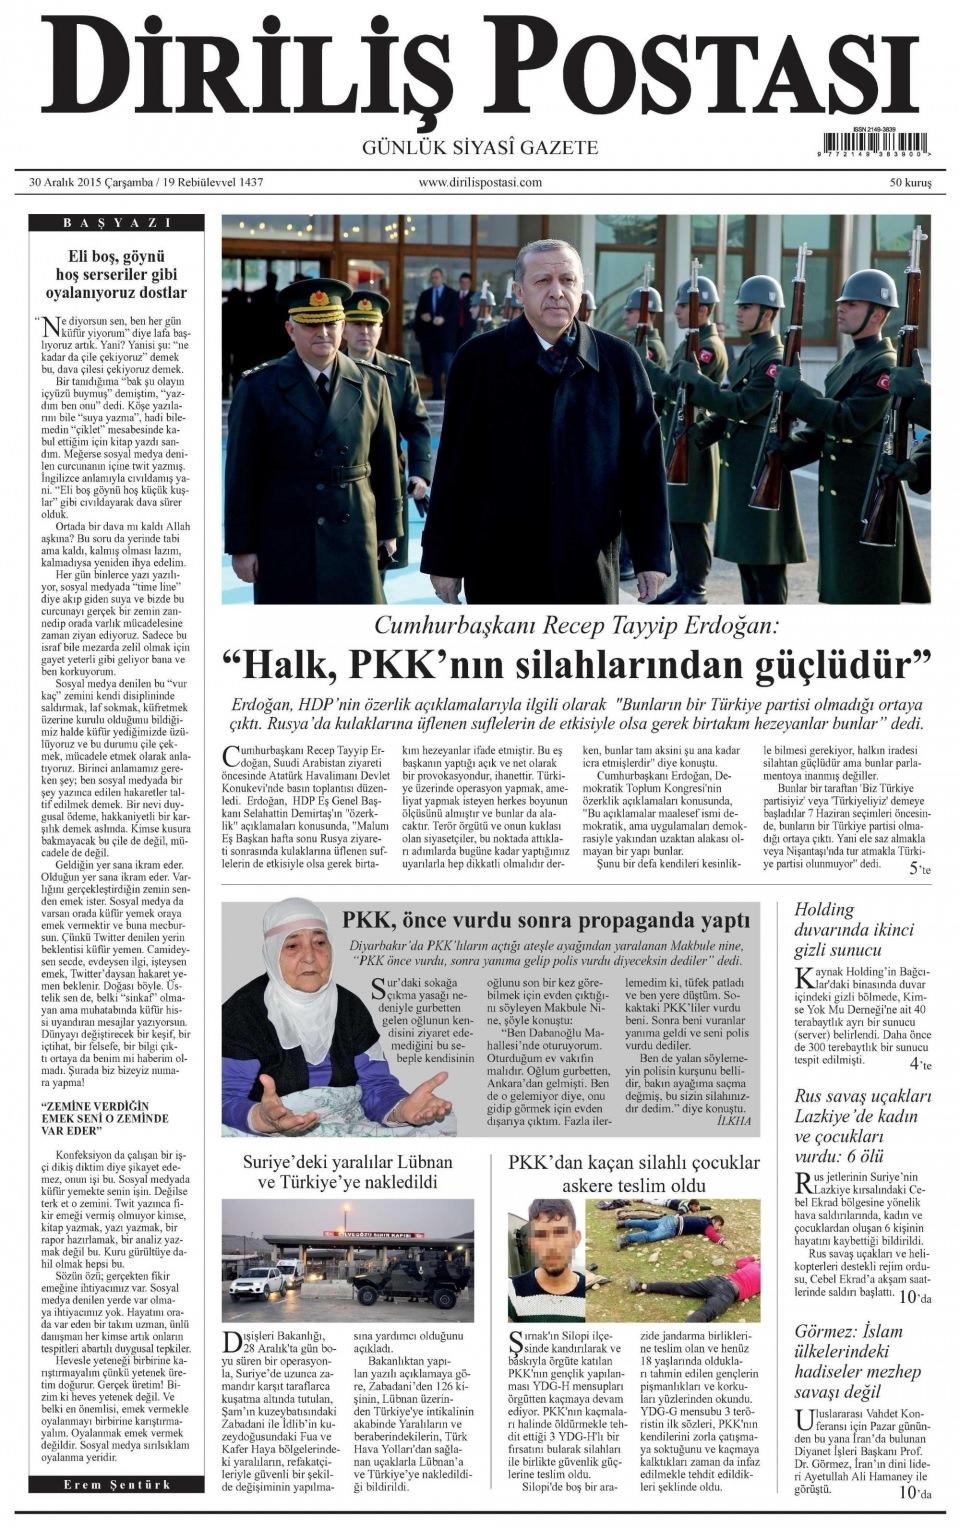 30 Aralık 2015 gazete manşetleri 7